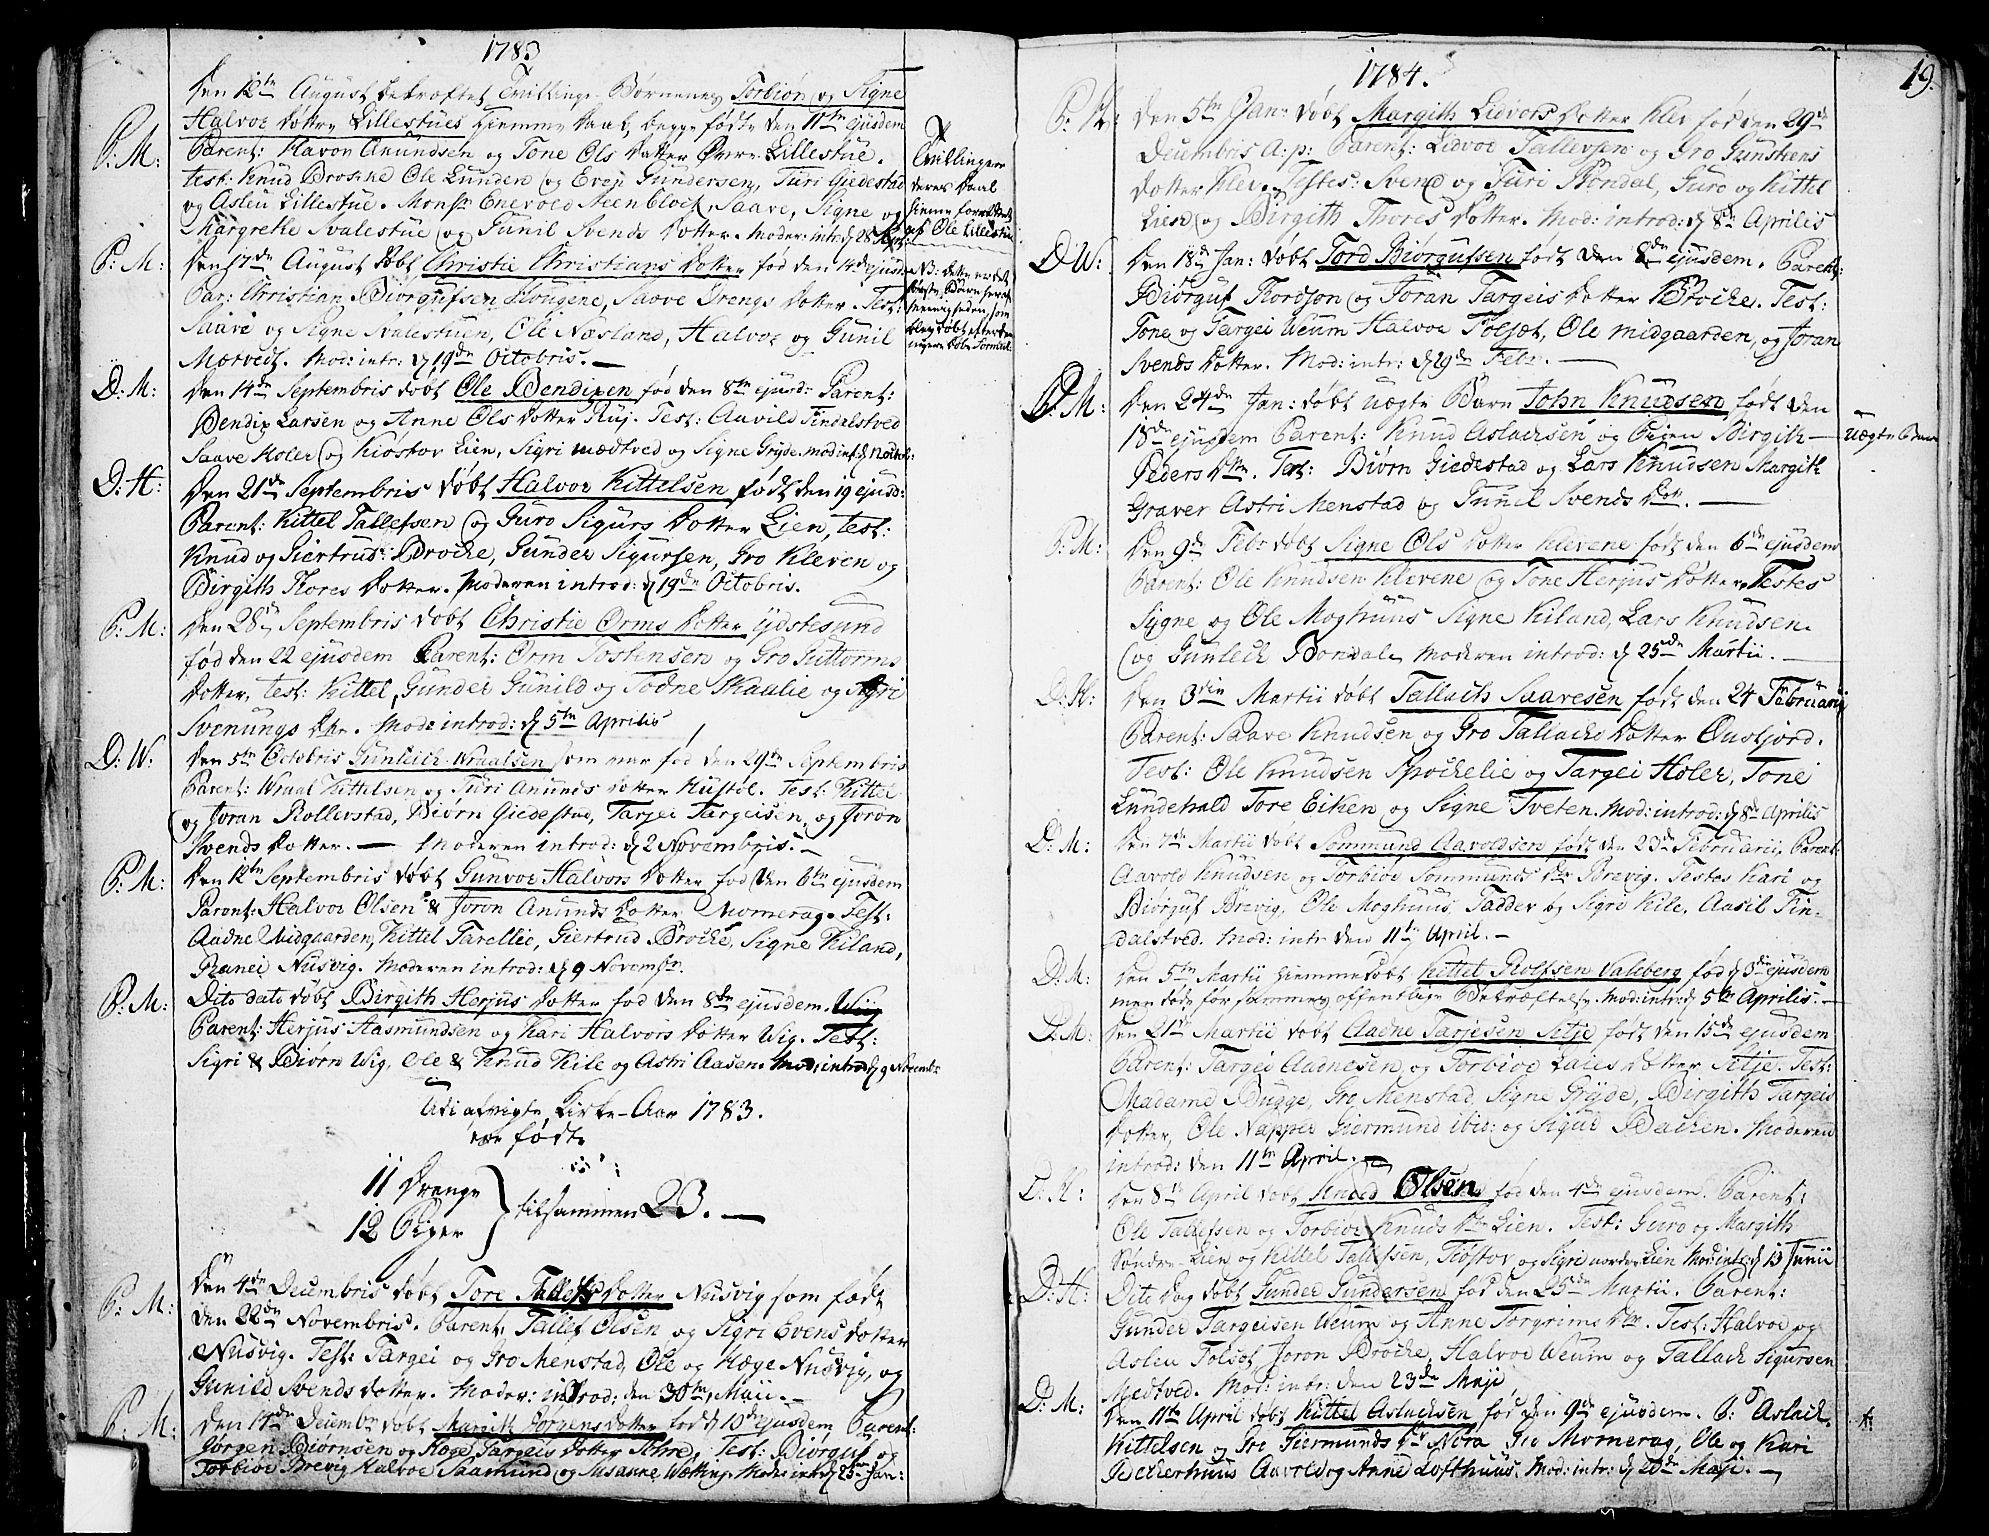 SAKO, Fyresdal kirkebøker, F/Fa/L0002: Ministerialbok nr. I 2, 1769-1814, s. 19